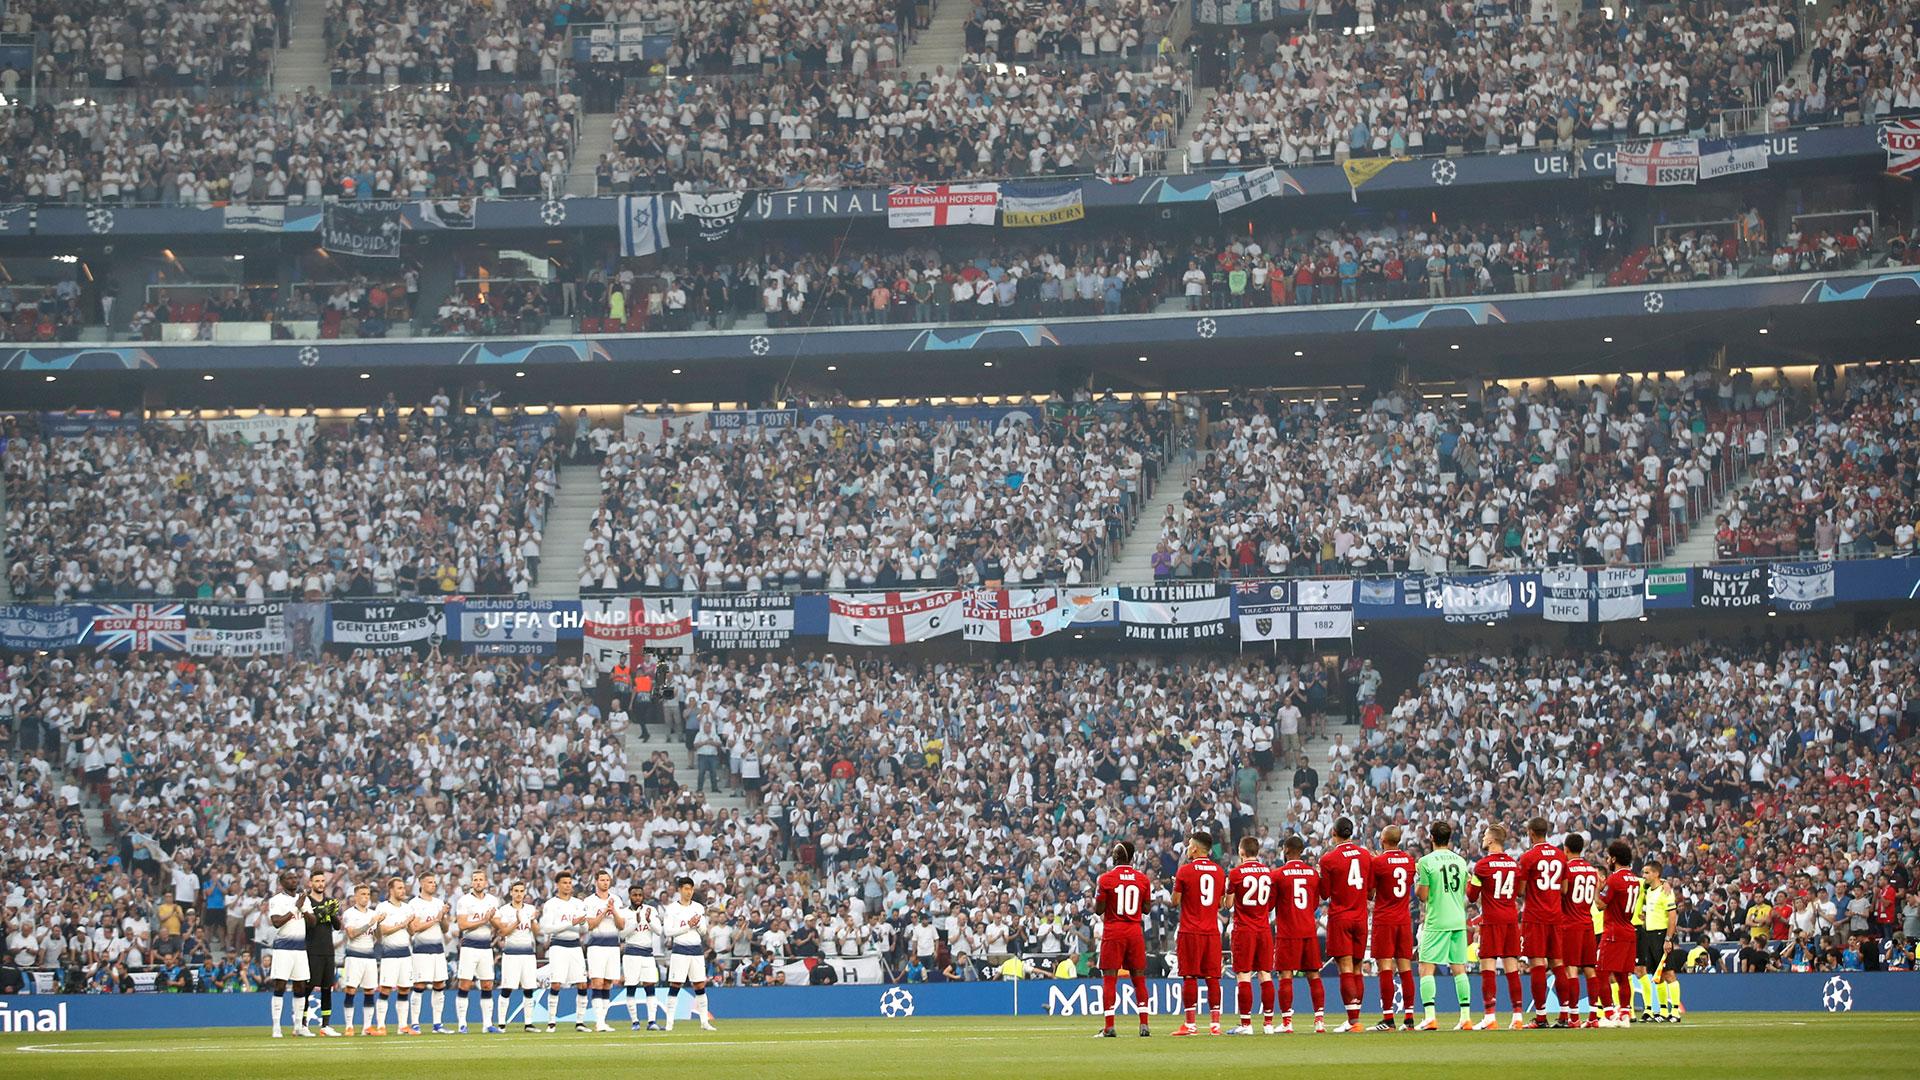 """En la previa hubo un minuto de silencio por la muerte del ex futbolista José Antonio """"La Perla"""" Reyes (Reuters)"""